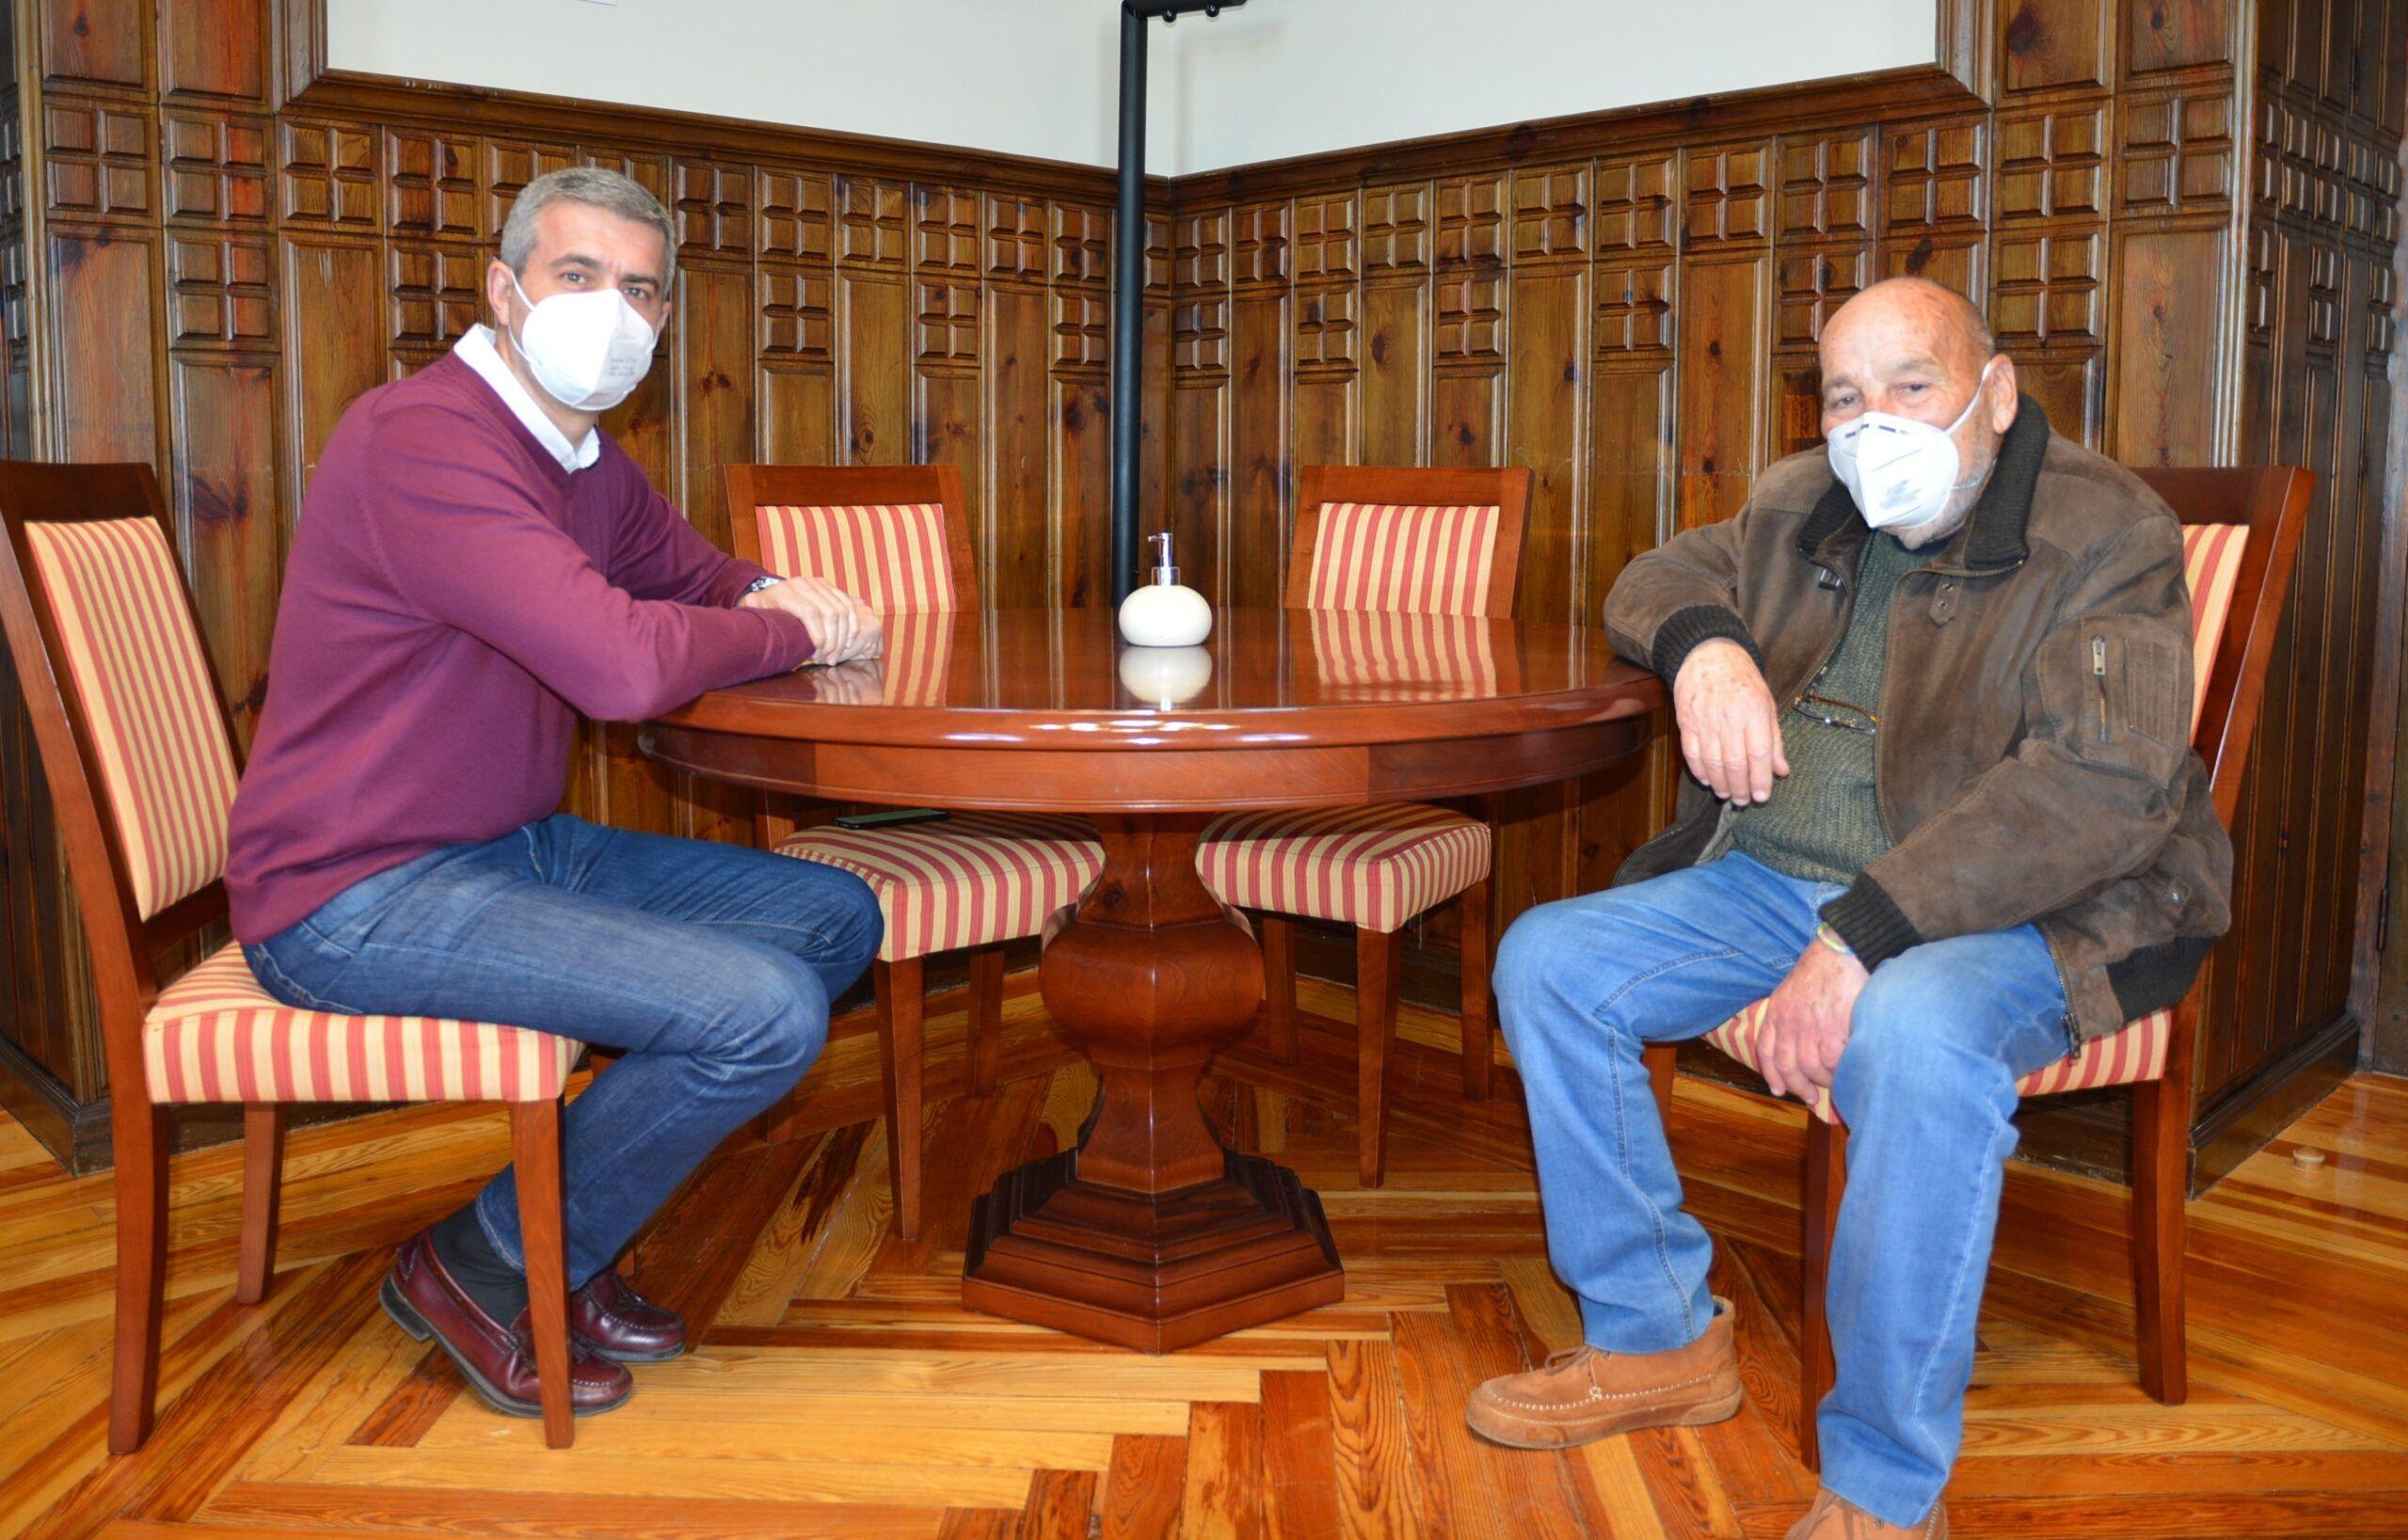 Álvaro Gutiérrez repasa con el alcalde de Otero los proyectos y necesidades de la localidad